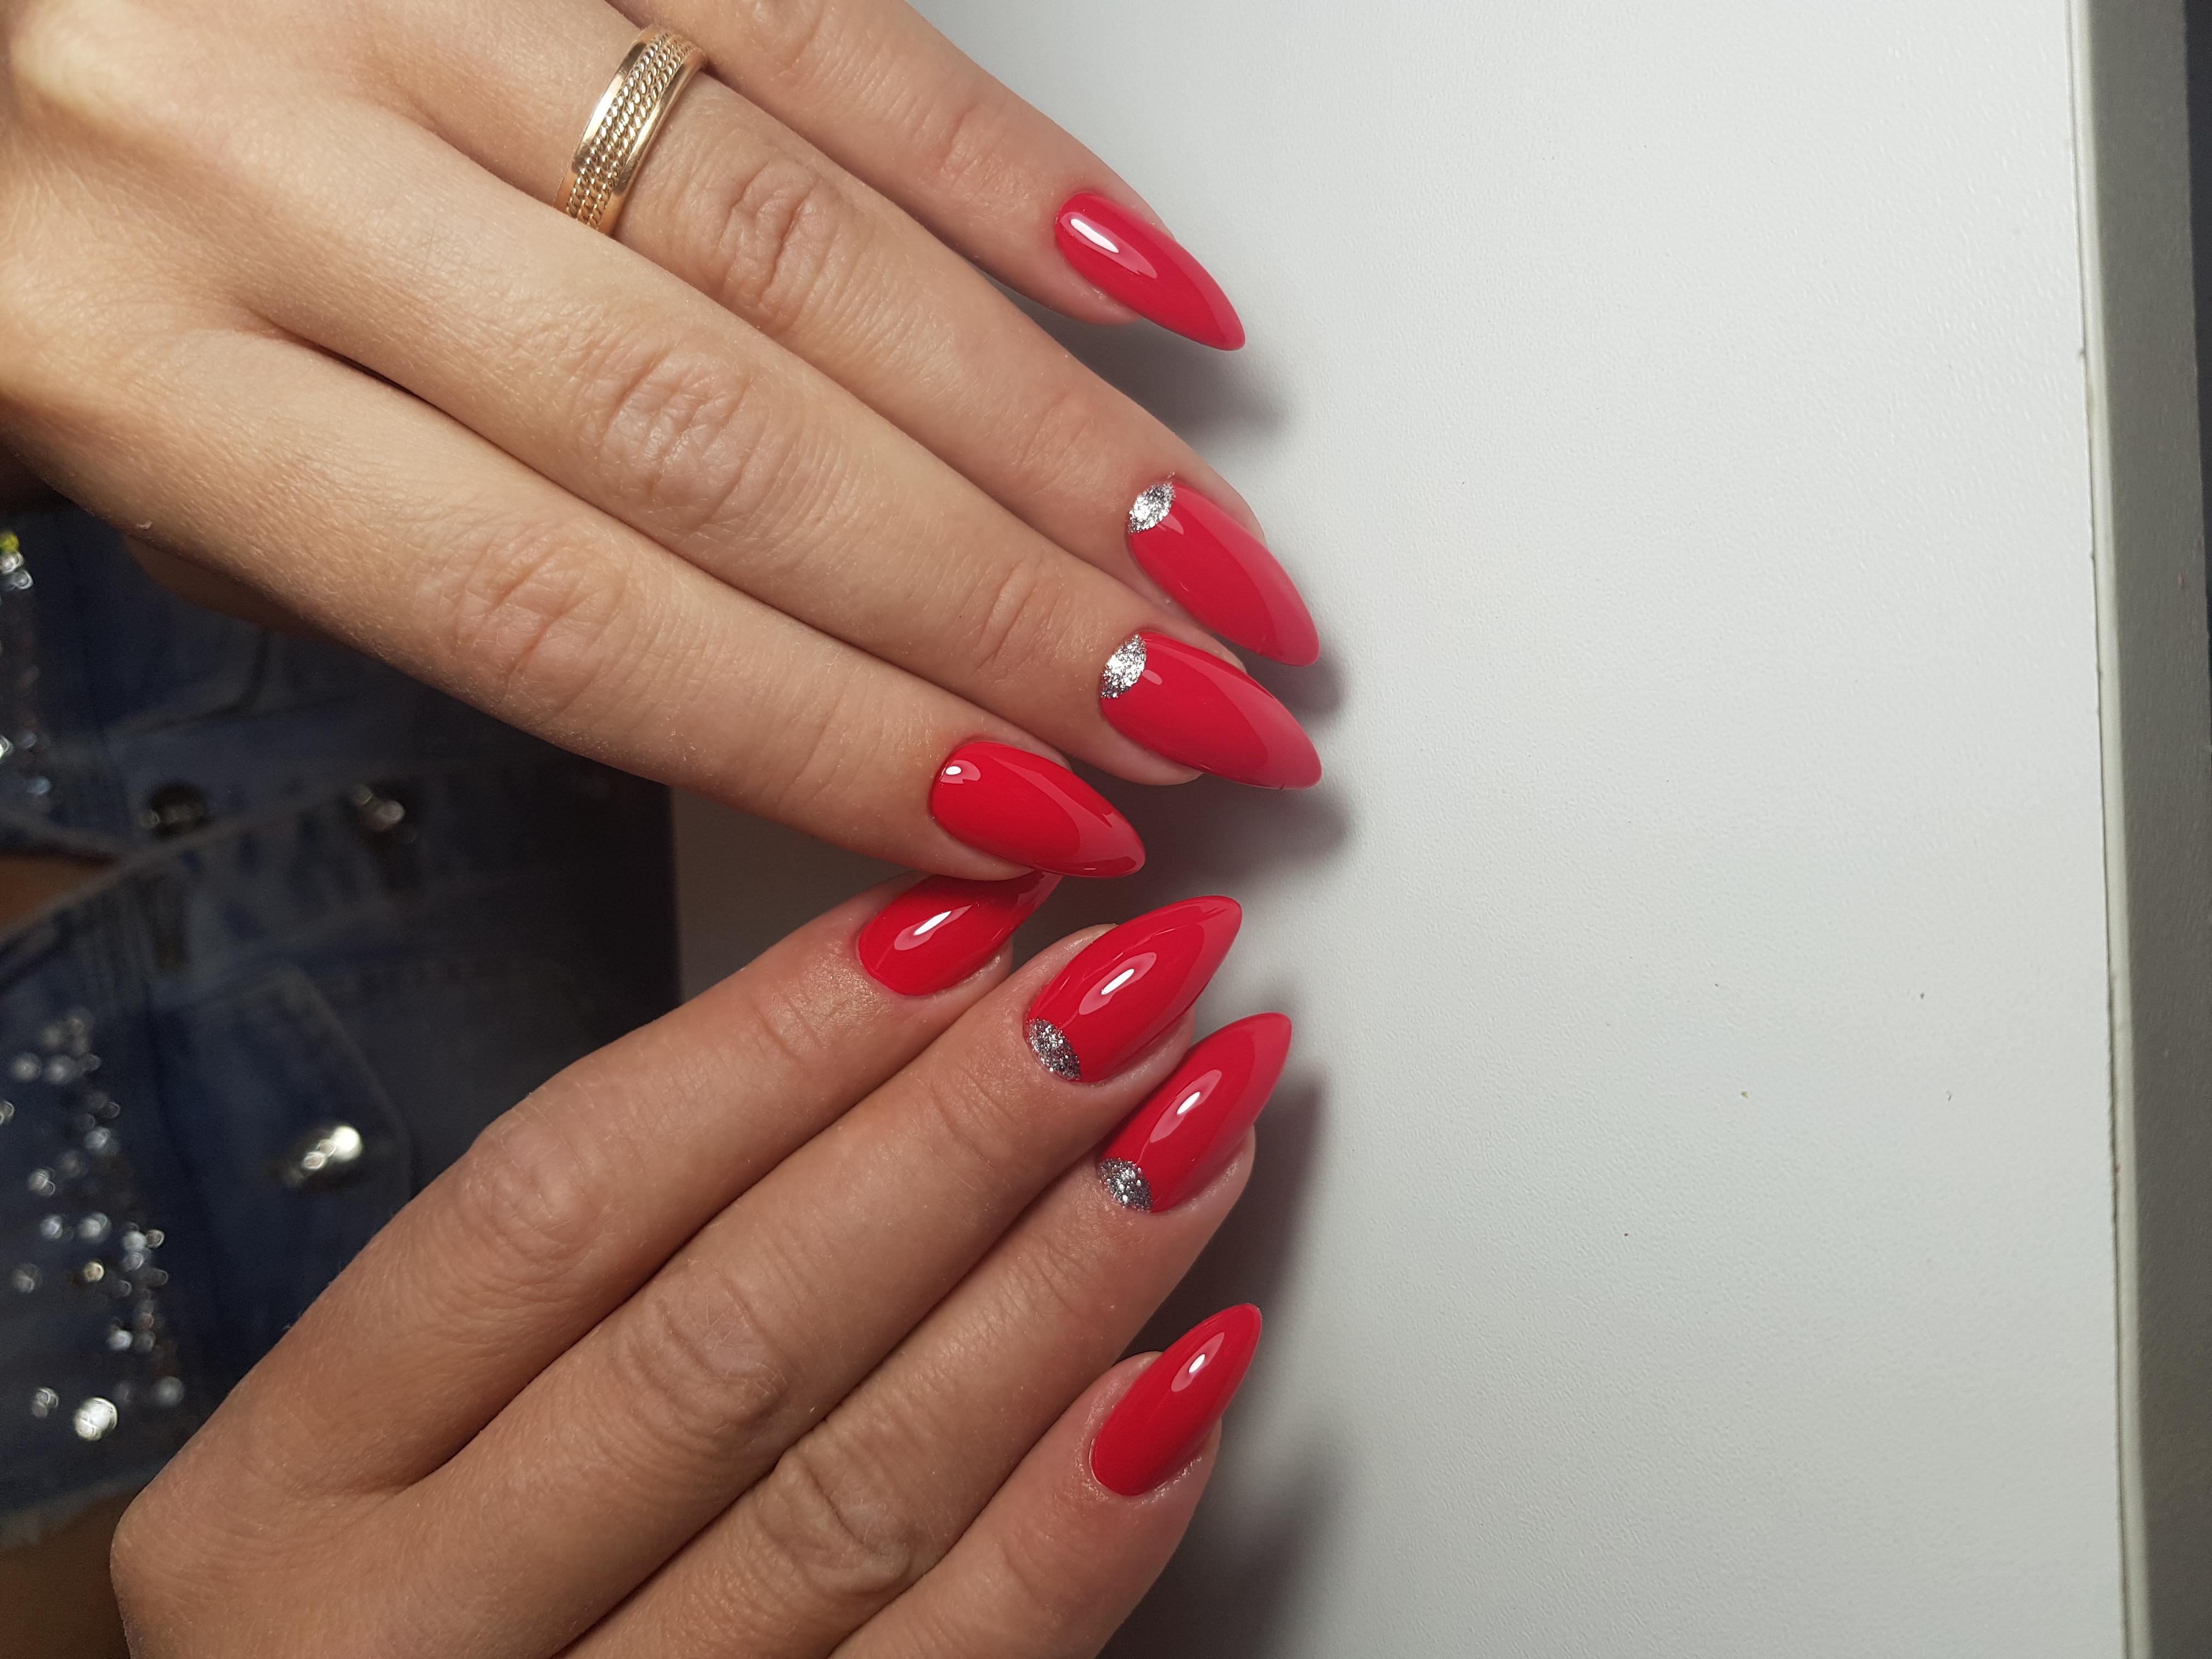 Маникюр с лунным дизайном и блестками в красном цвете.